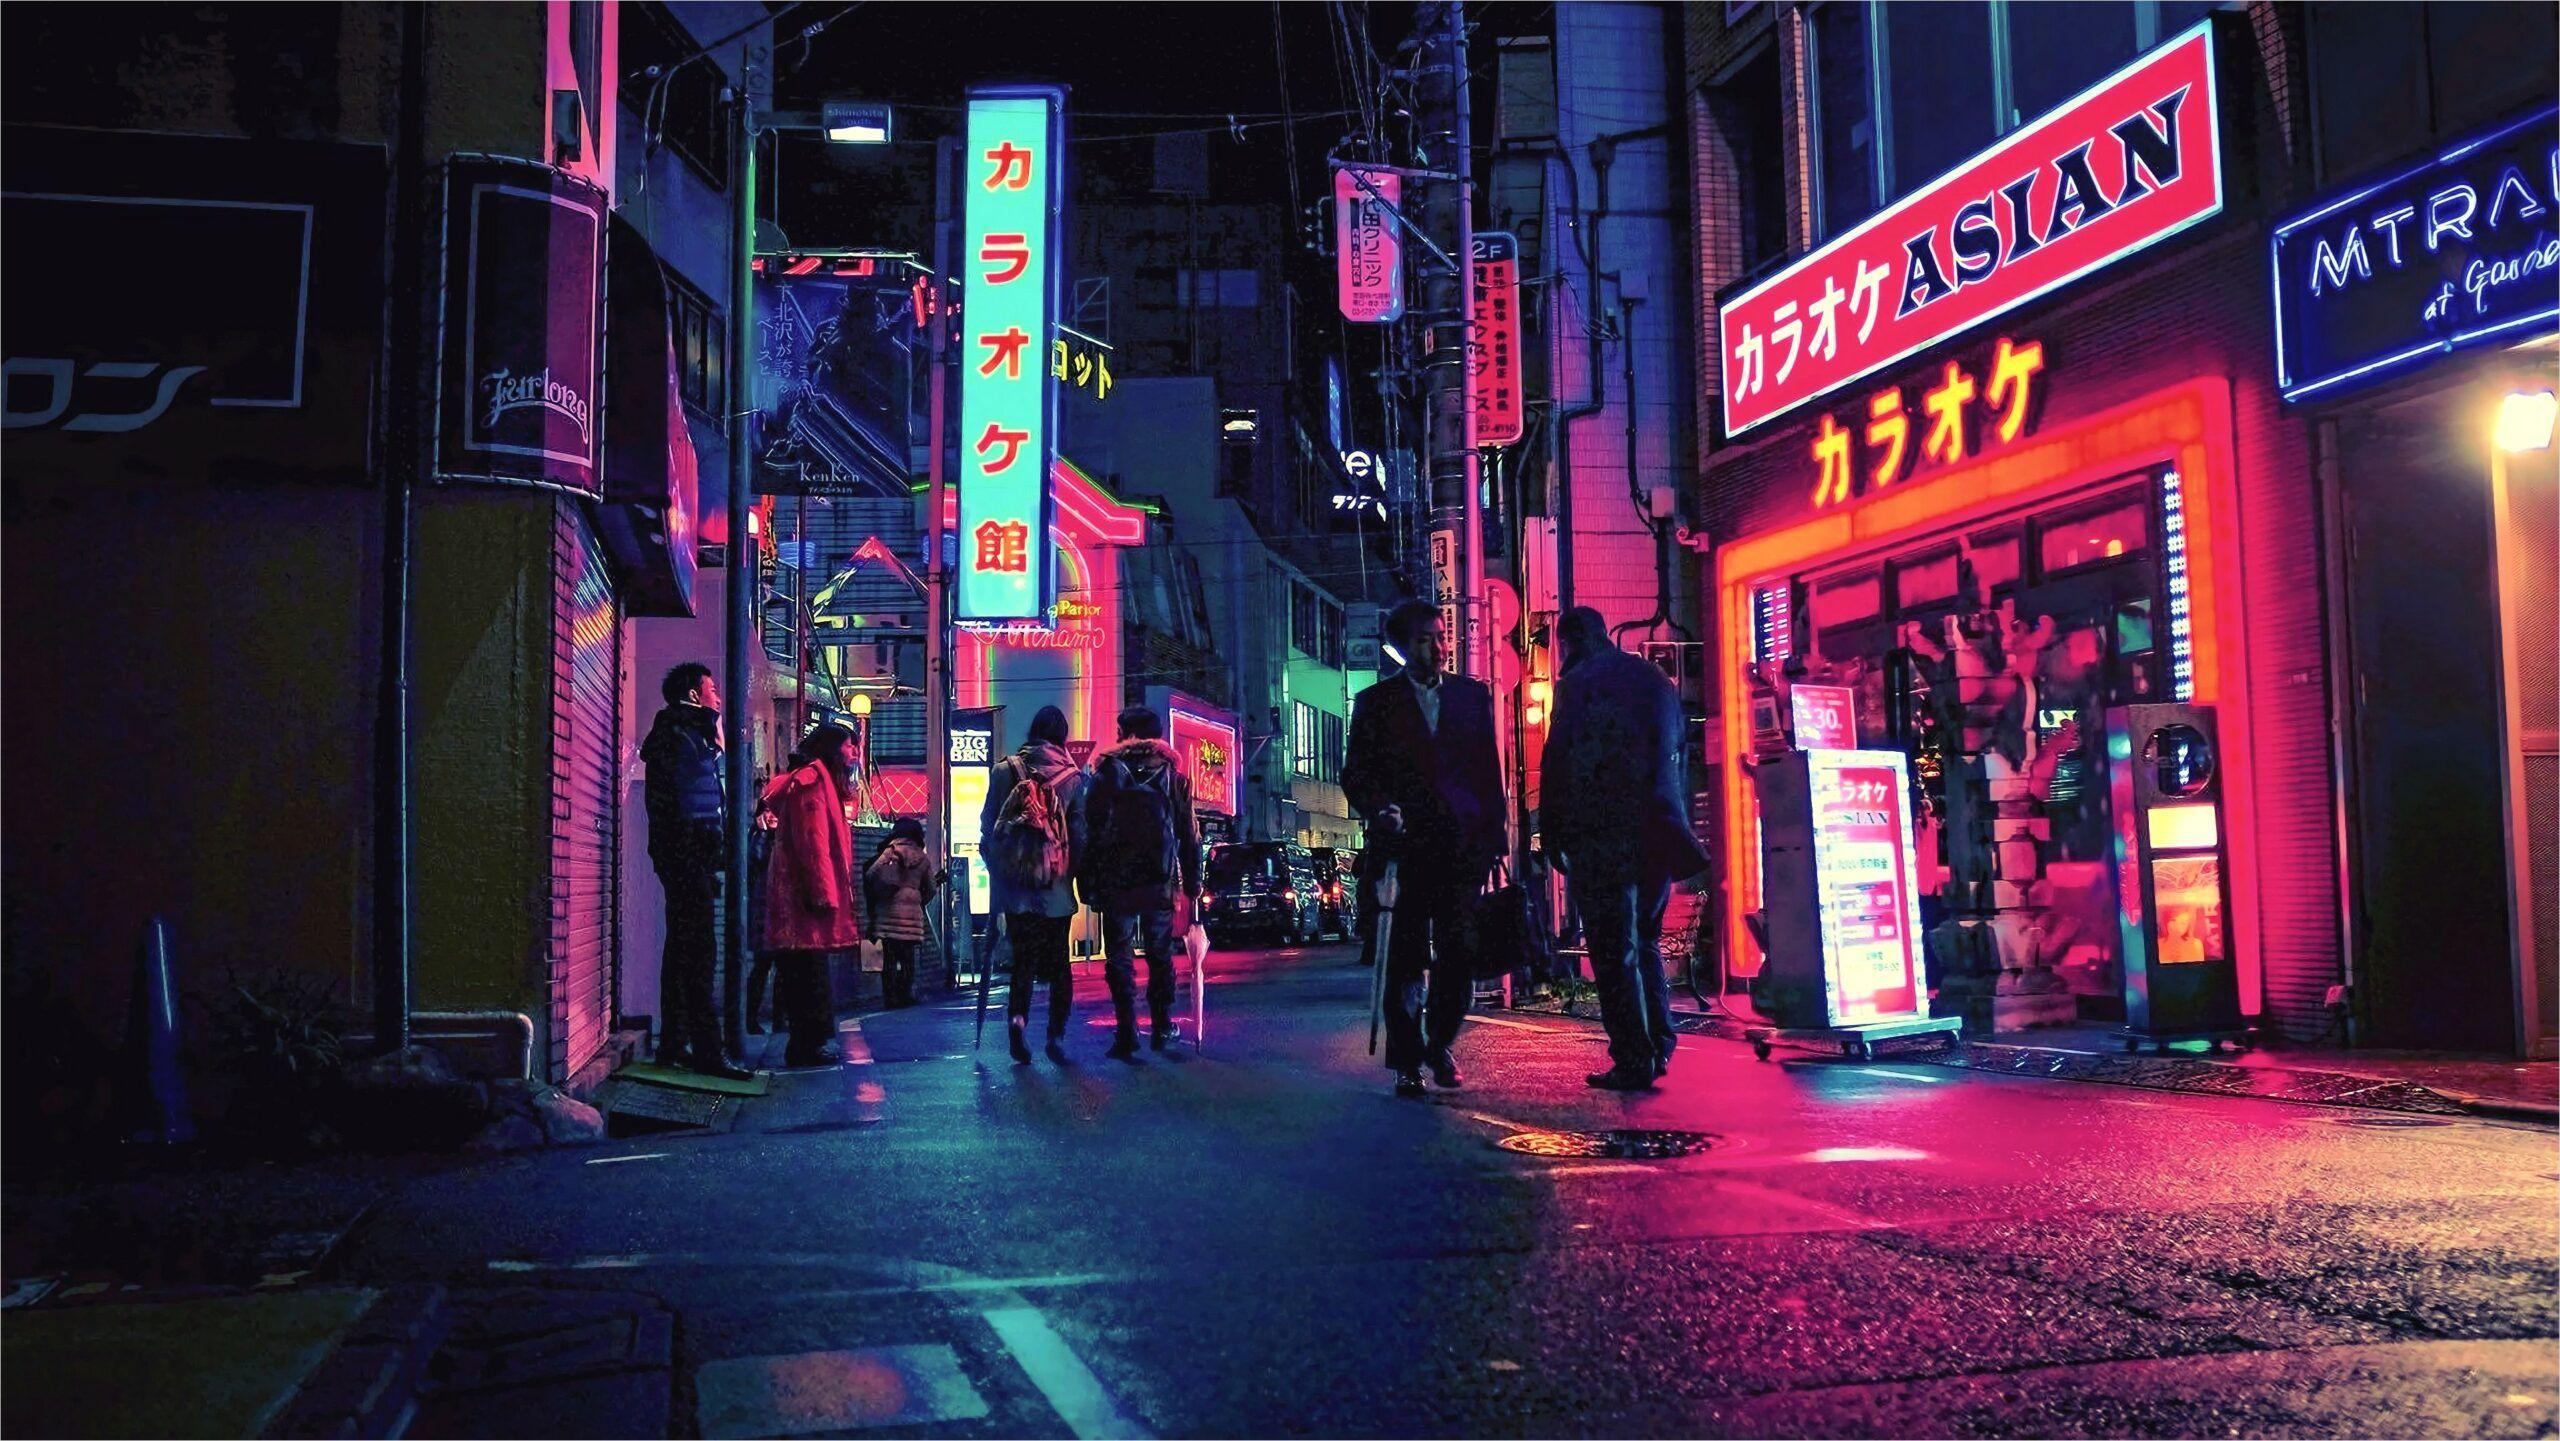 4k Tokyo Street Wallpaper In 2020 Neon Wallpaper Neon Noir Neon Aesthetic